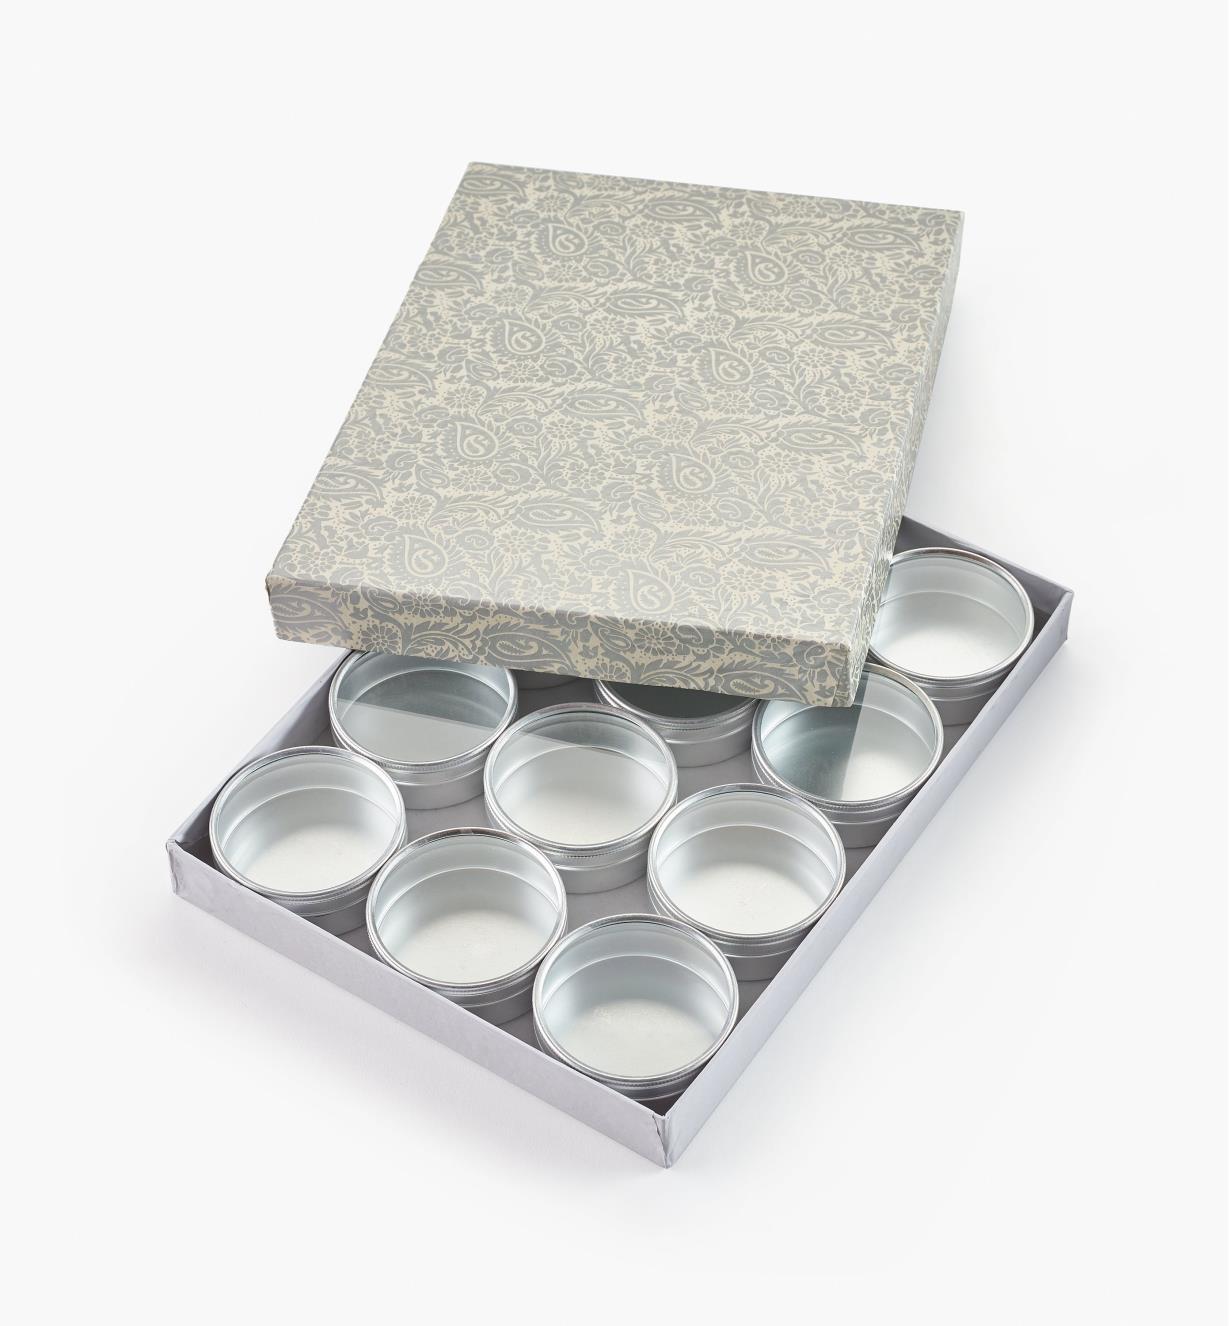 27K5075 - Lot de 12petites boîtes de 70mm